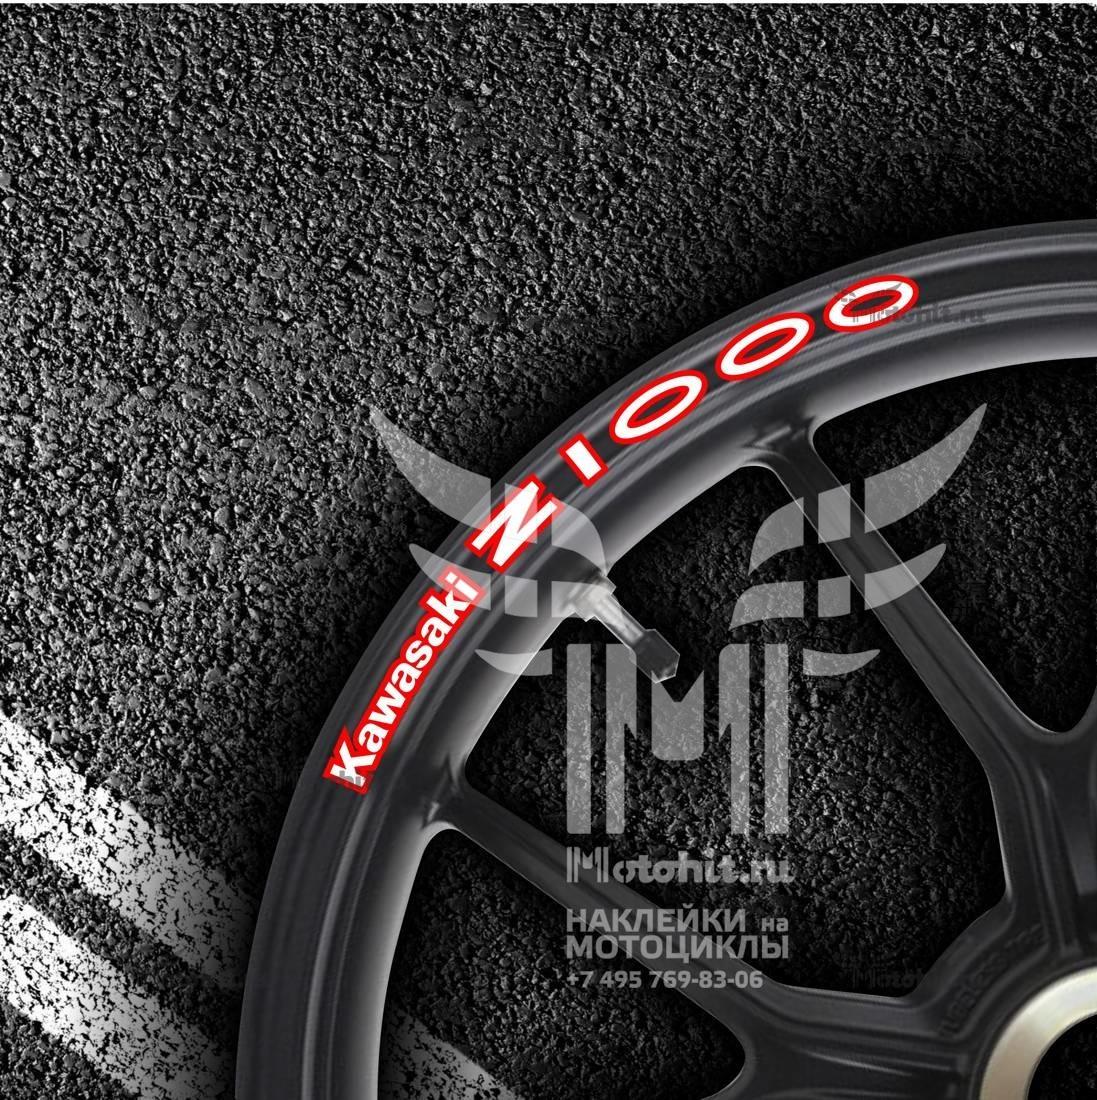 Комплект наклеек на обод колеса мотоцикла KAWASAKI Z-1000